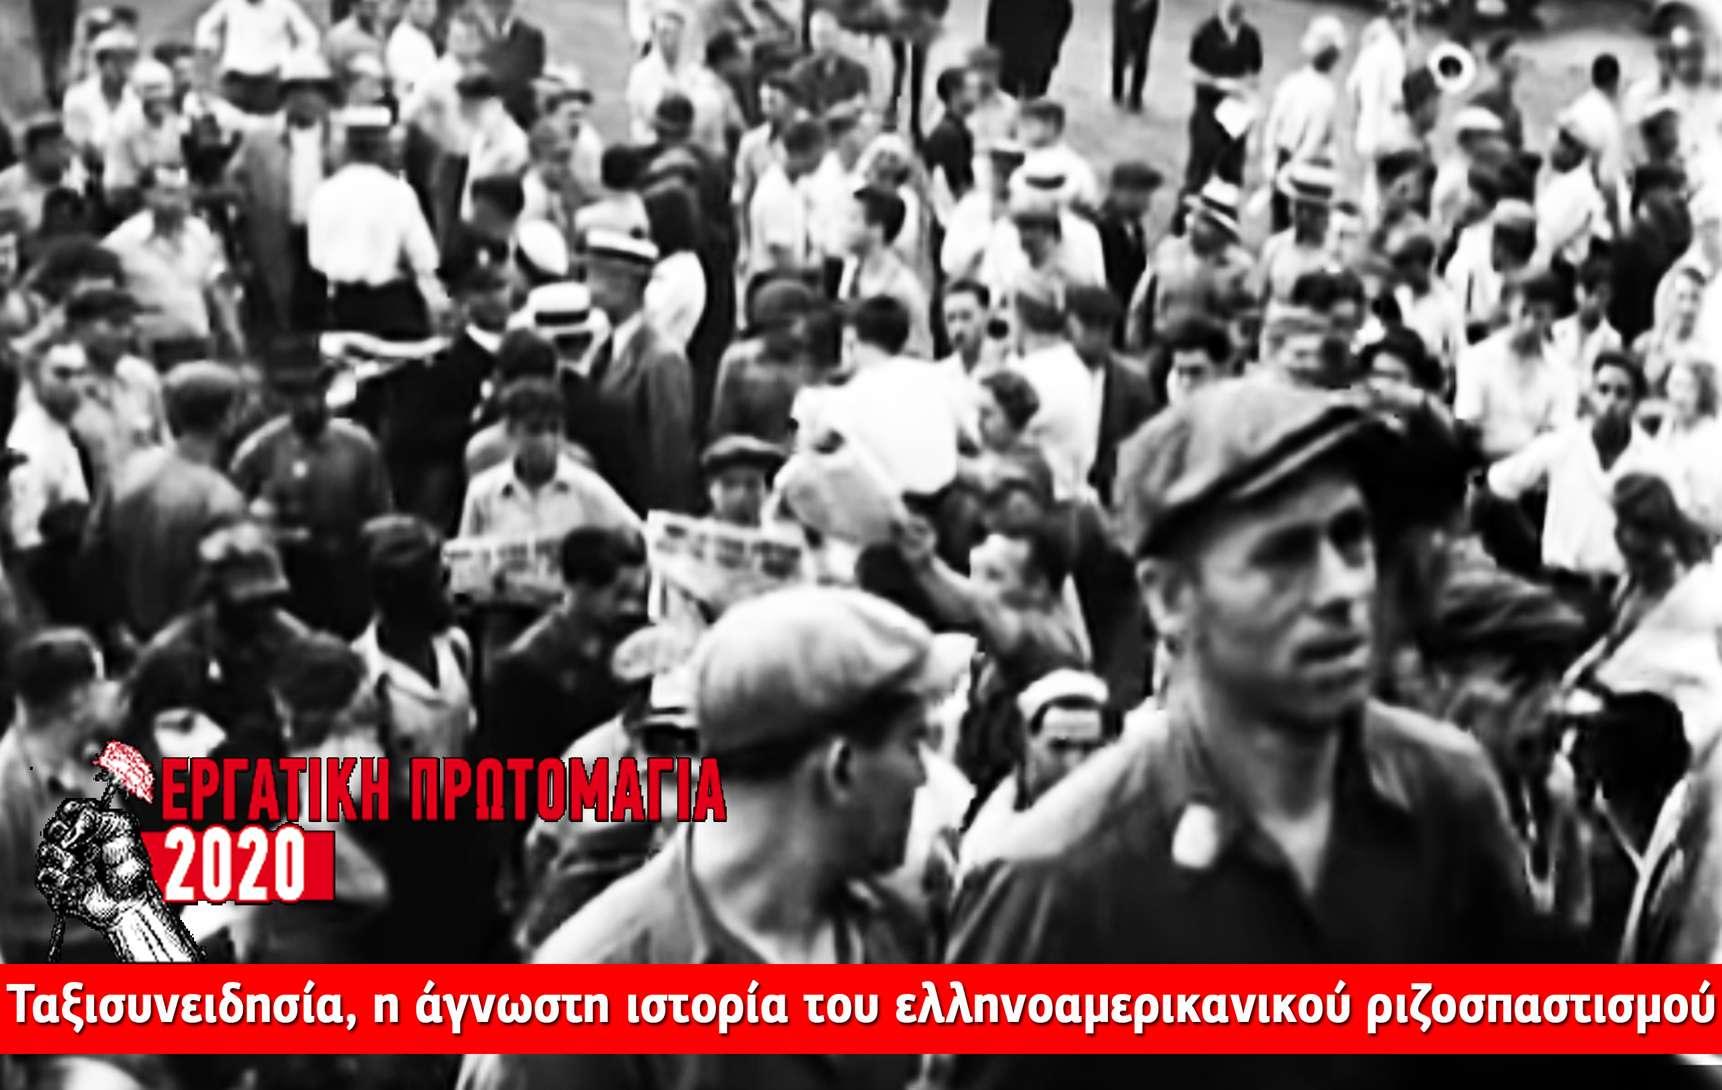 η άγνωστη ιστορία του ελληνοαμερικανικού ριζοσπαστισμού